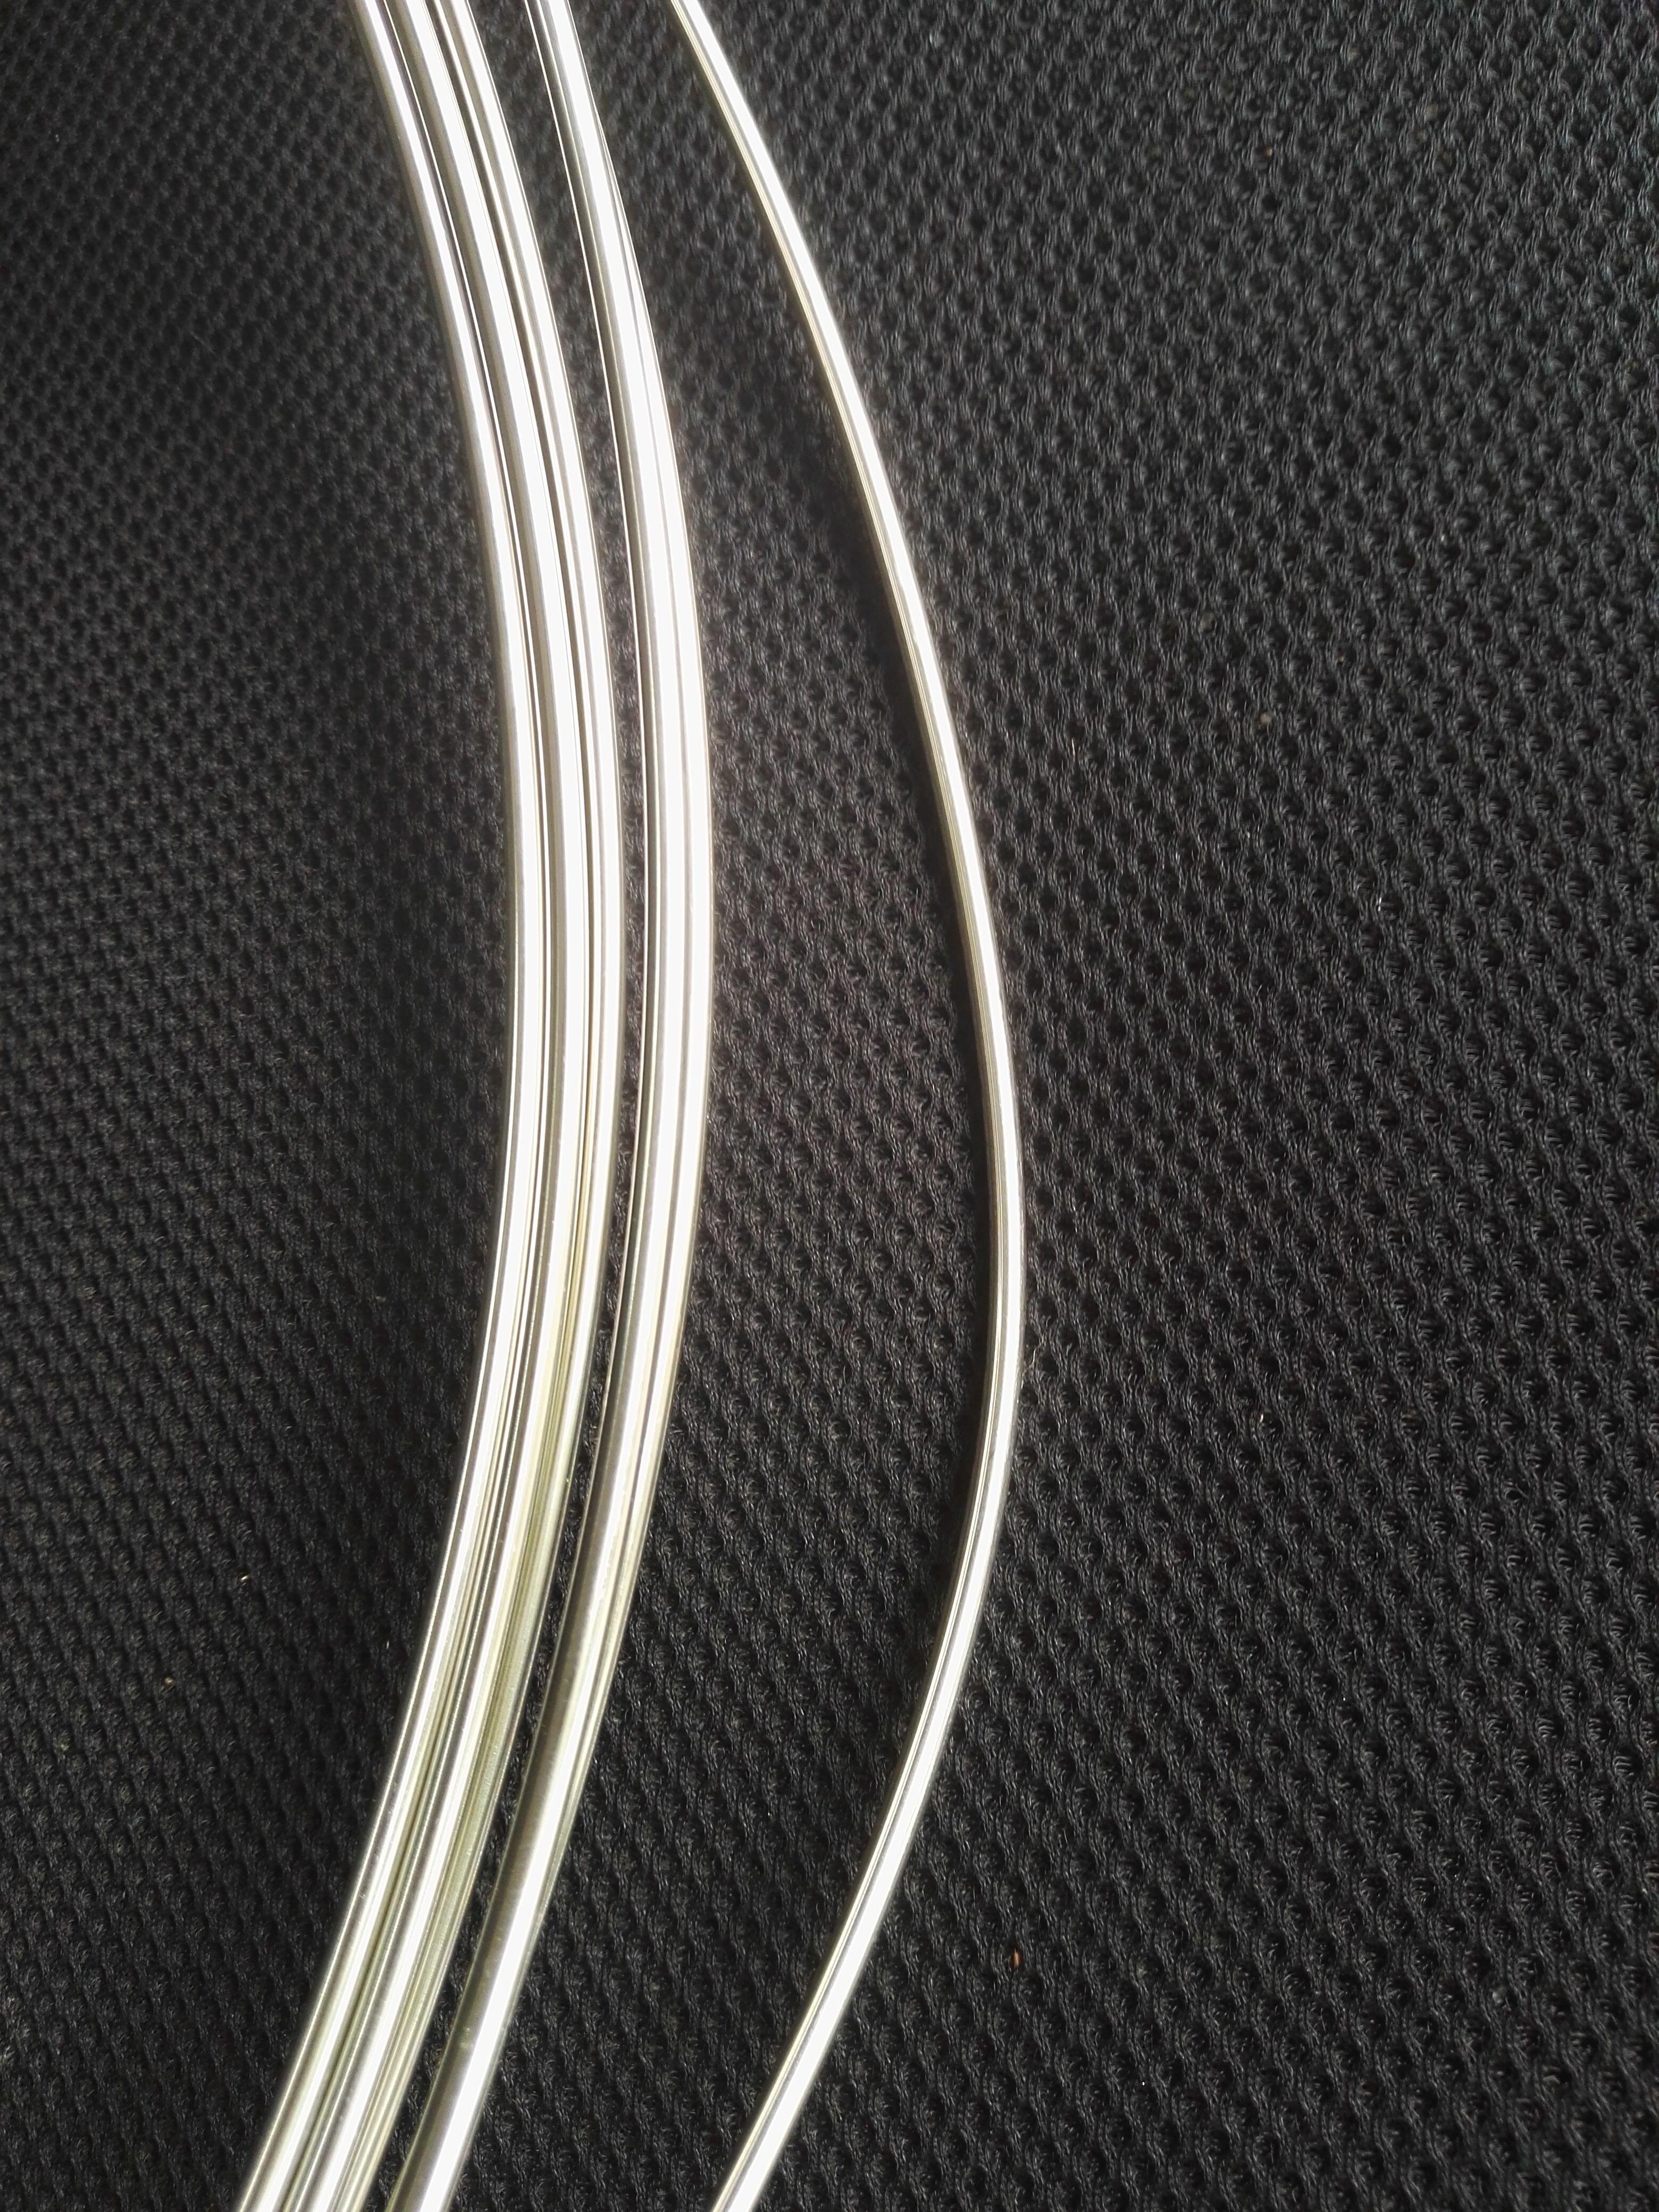 浙江厂家直销B30白铜线|b30白铜线大量现货-联合利隆金属制品有限公司